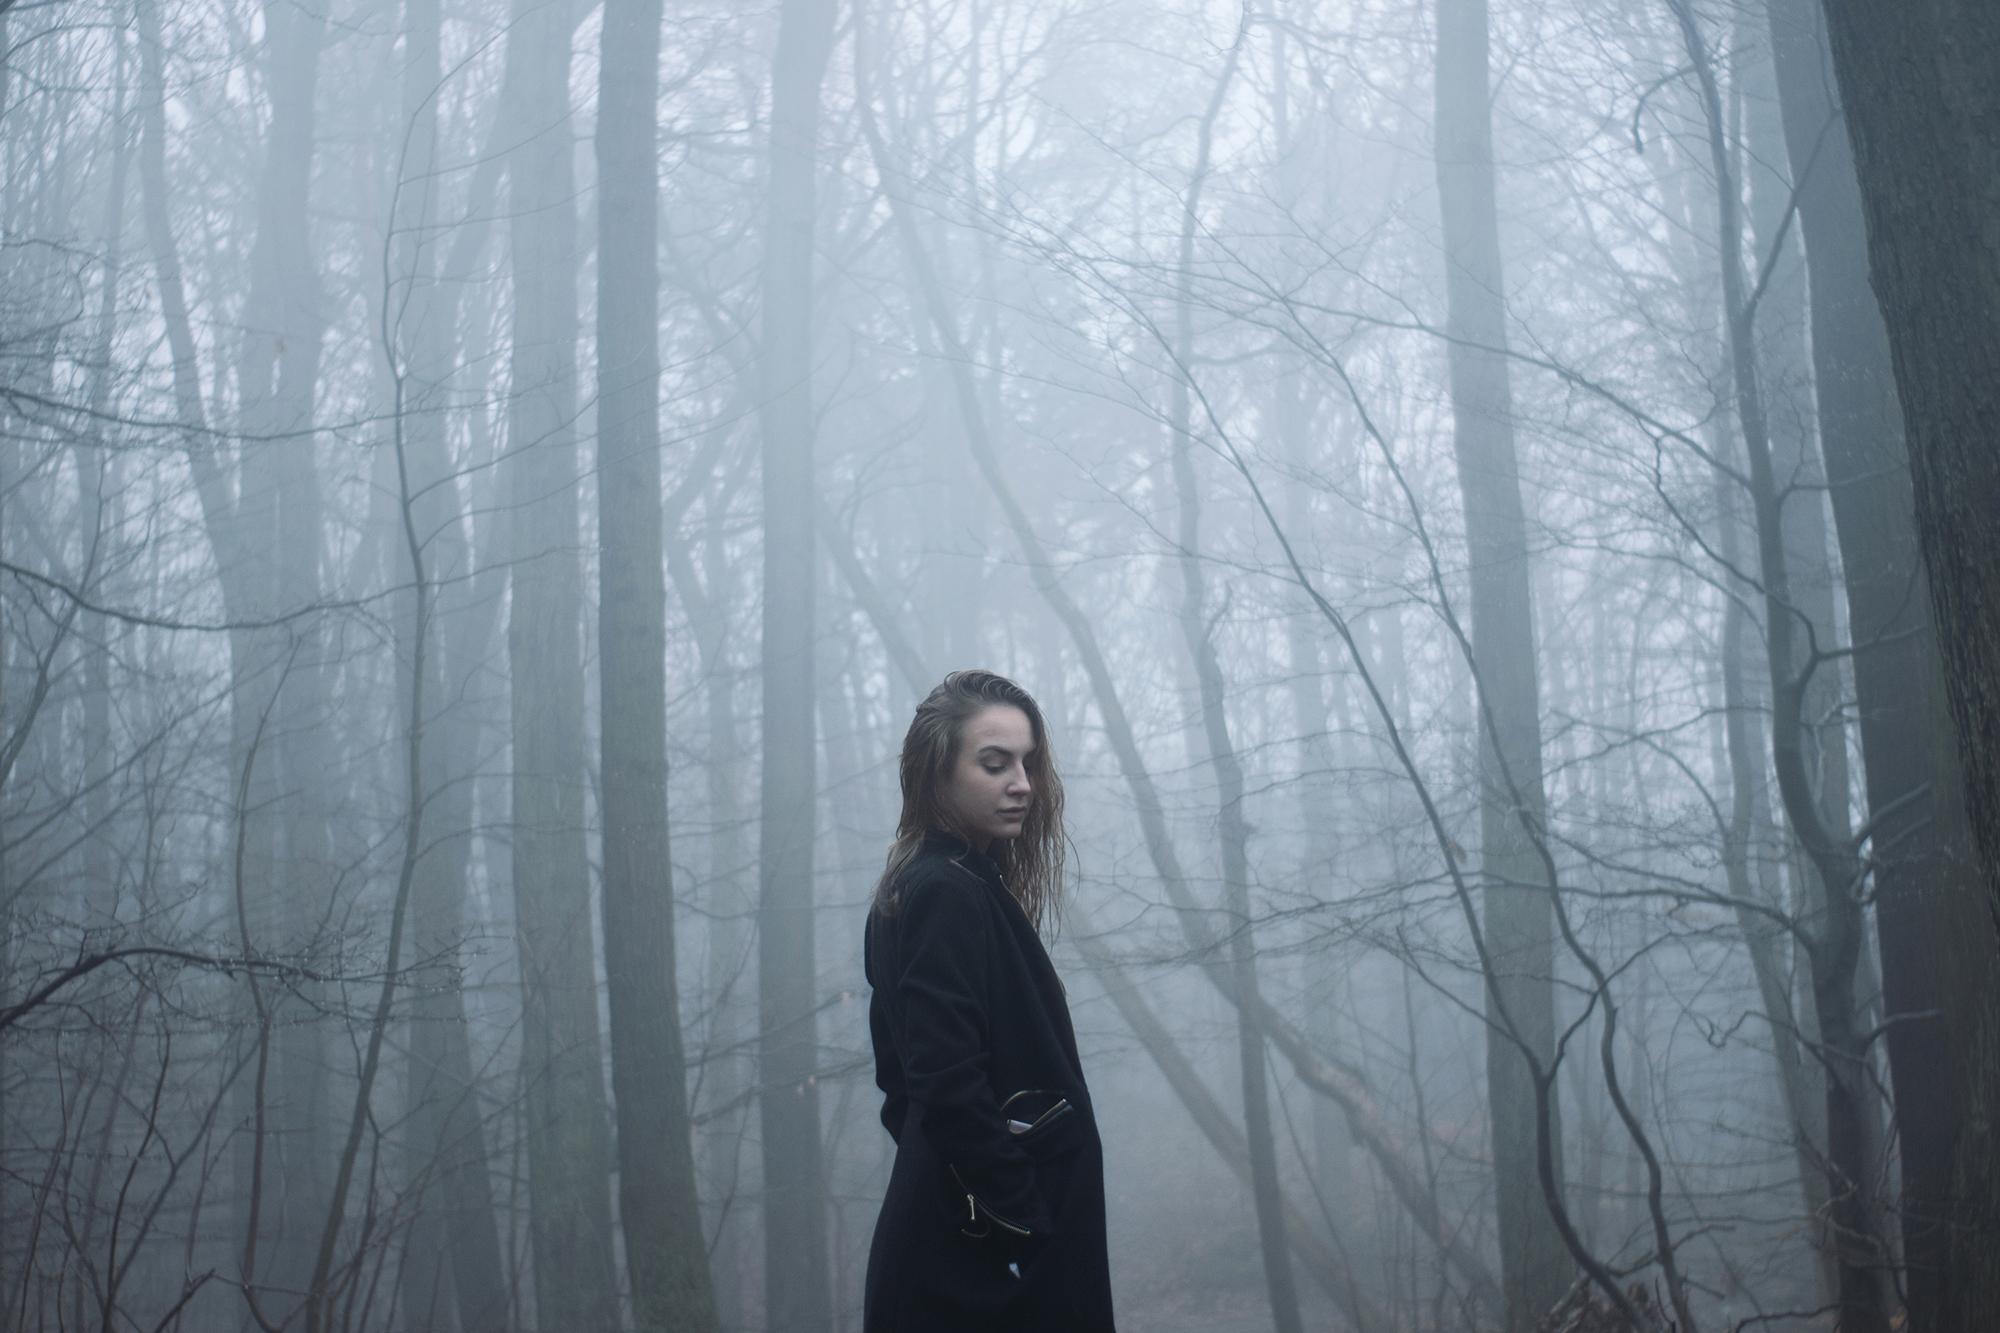 Na zdjeciu widac las pokryty mgla a pomiedzy drzewami stoi profilem kobieta w czarnym plaszczem